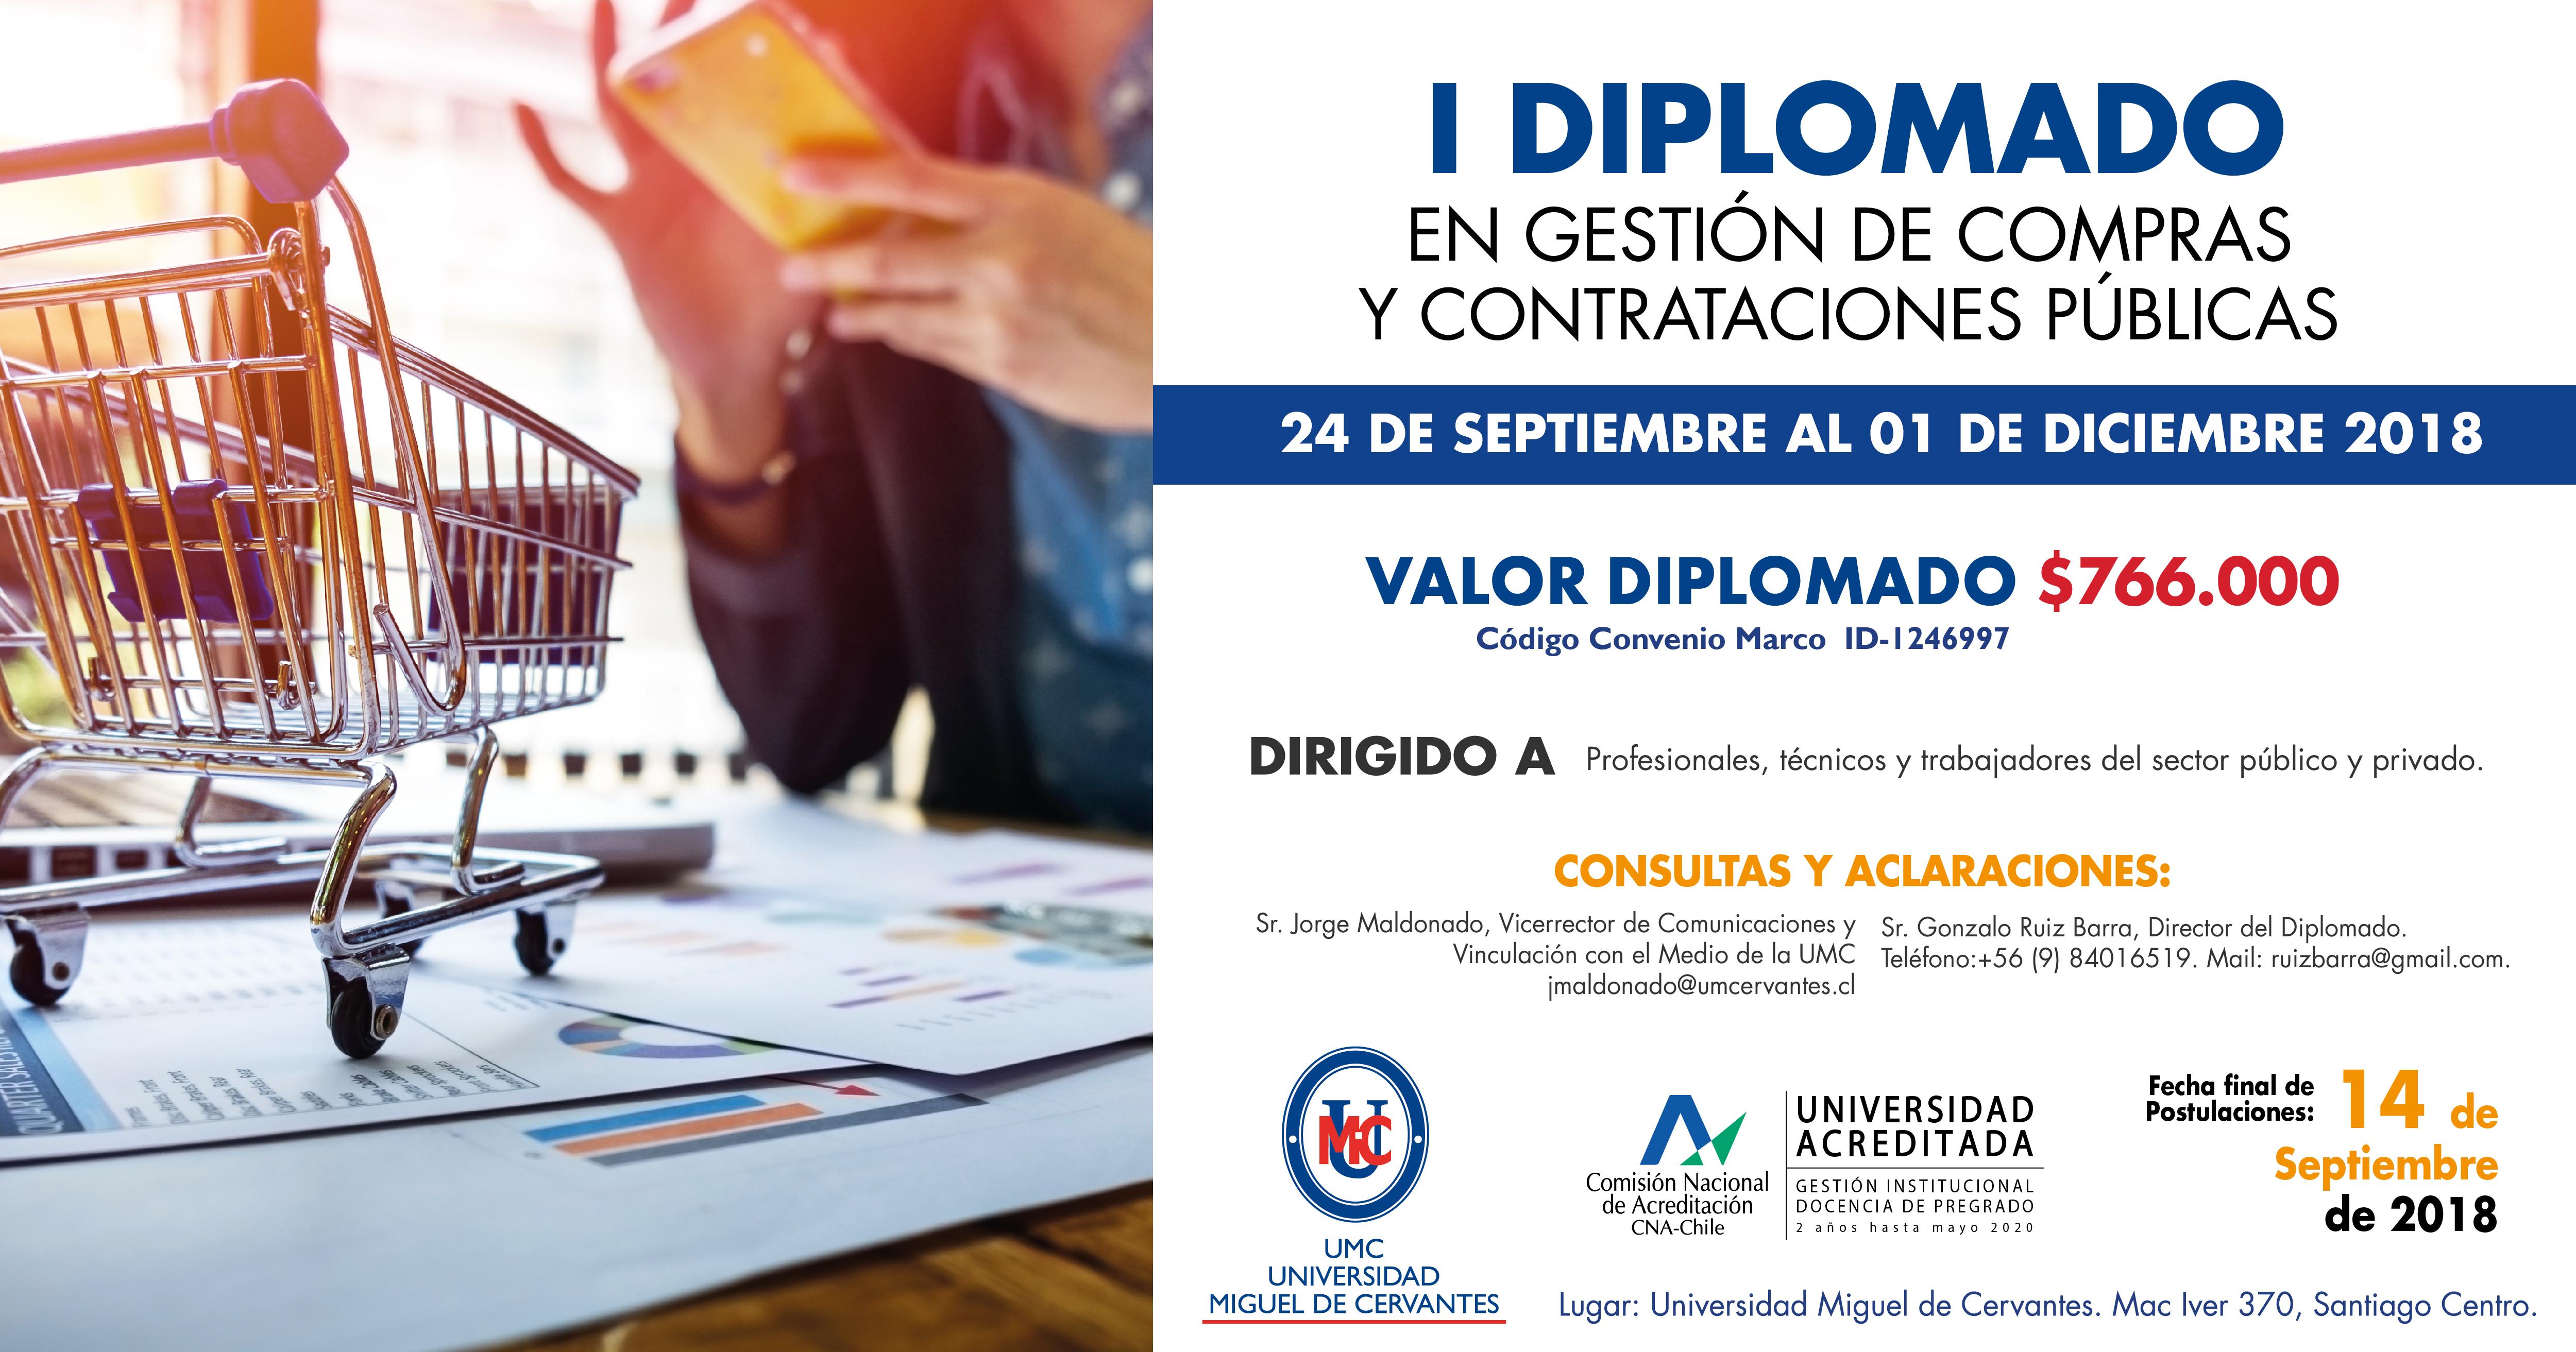 Diplomado en Gestión de Compras y Contrataciones Públicas